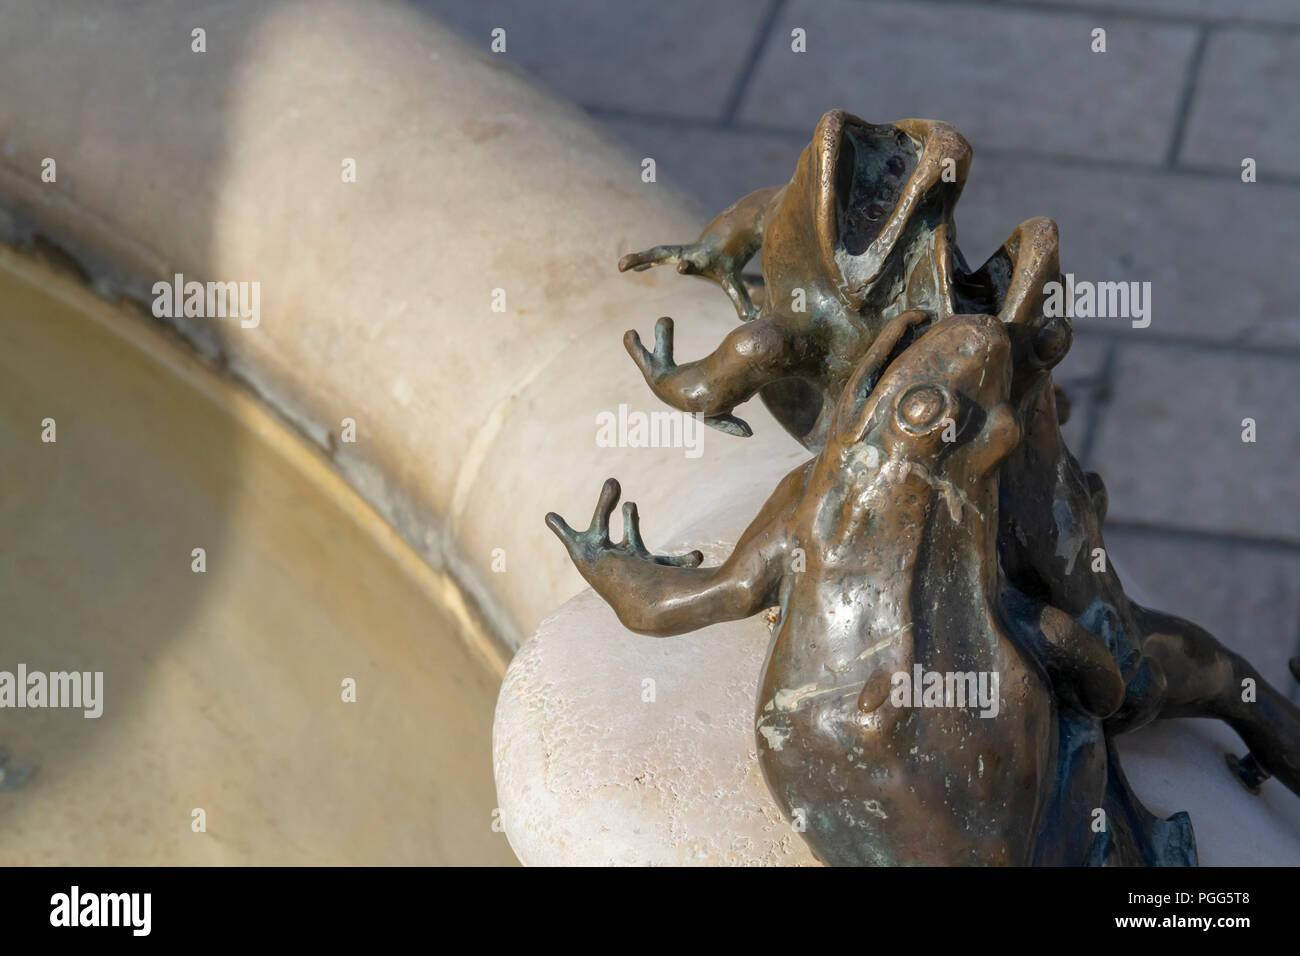 Francia, Regione della Borgogna, città di Digione: fontana con ornamento raffigurante rane - Stock Image